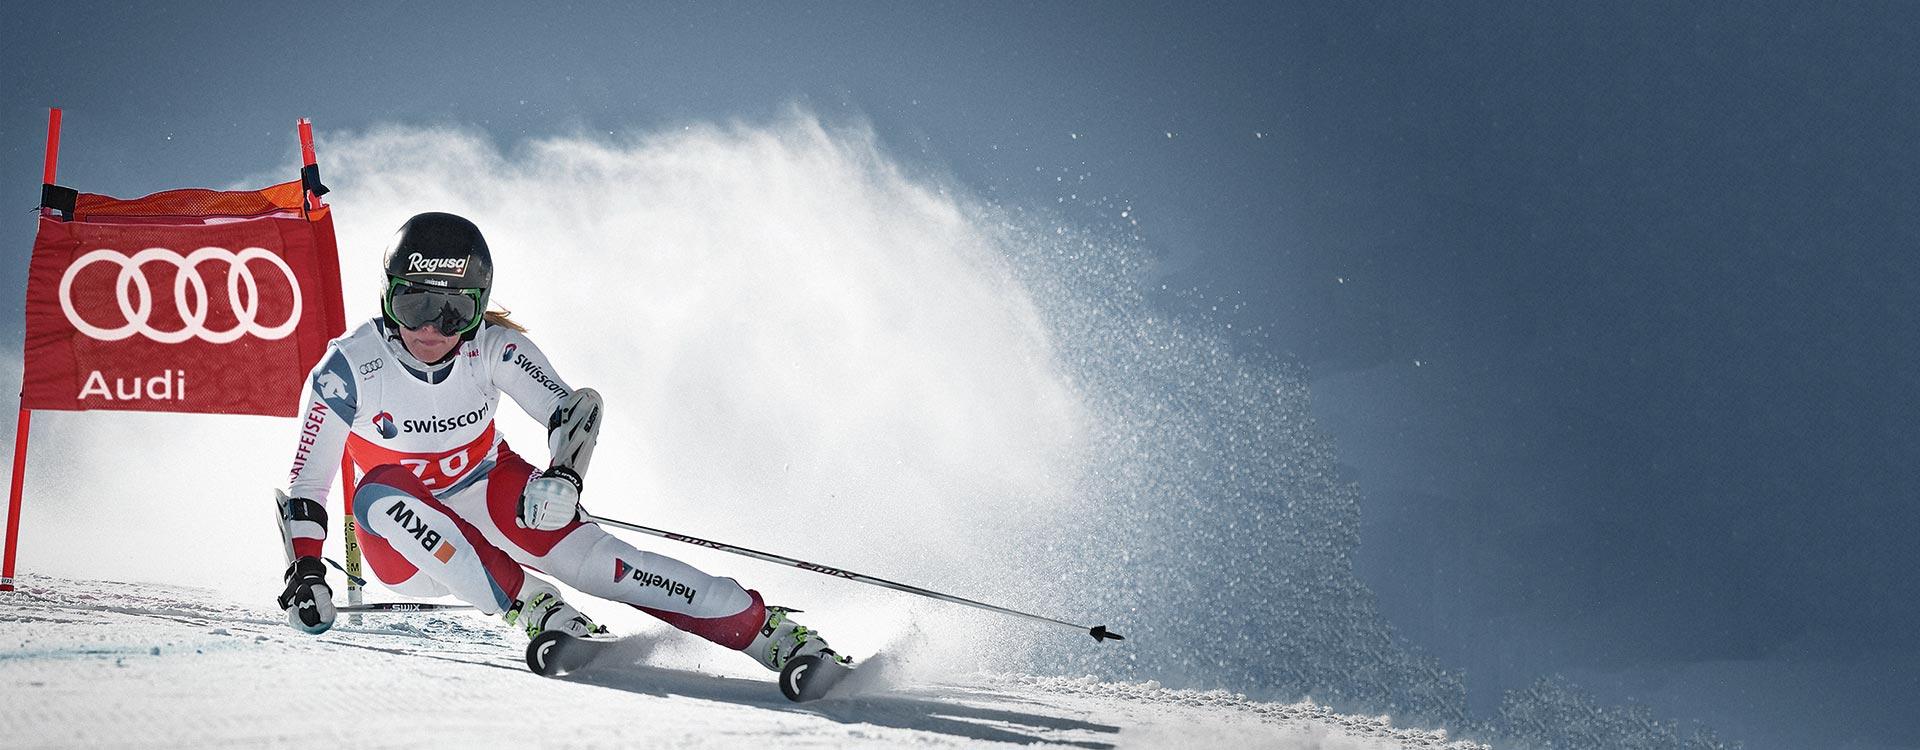 Audi Ski Run - Hol dir dein Video mit Botschaft von Lara Gut